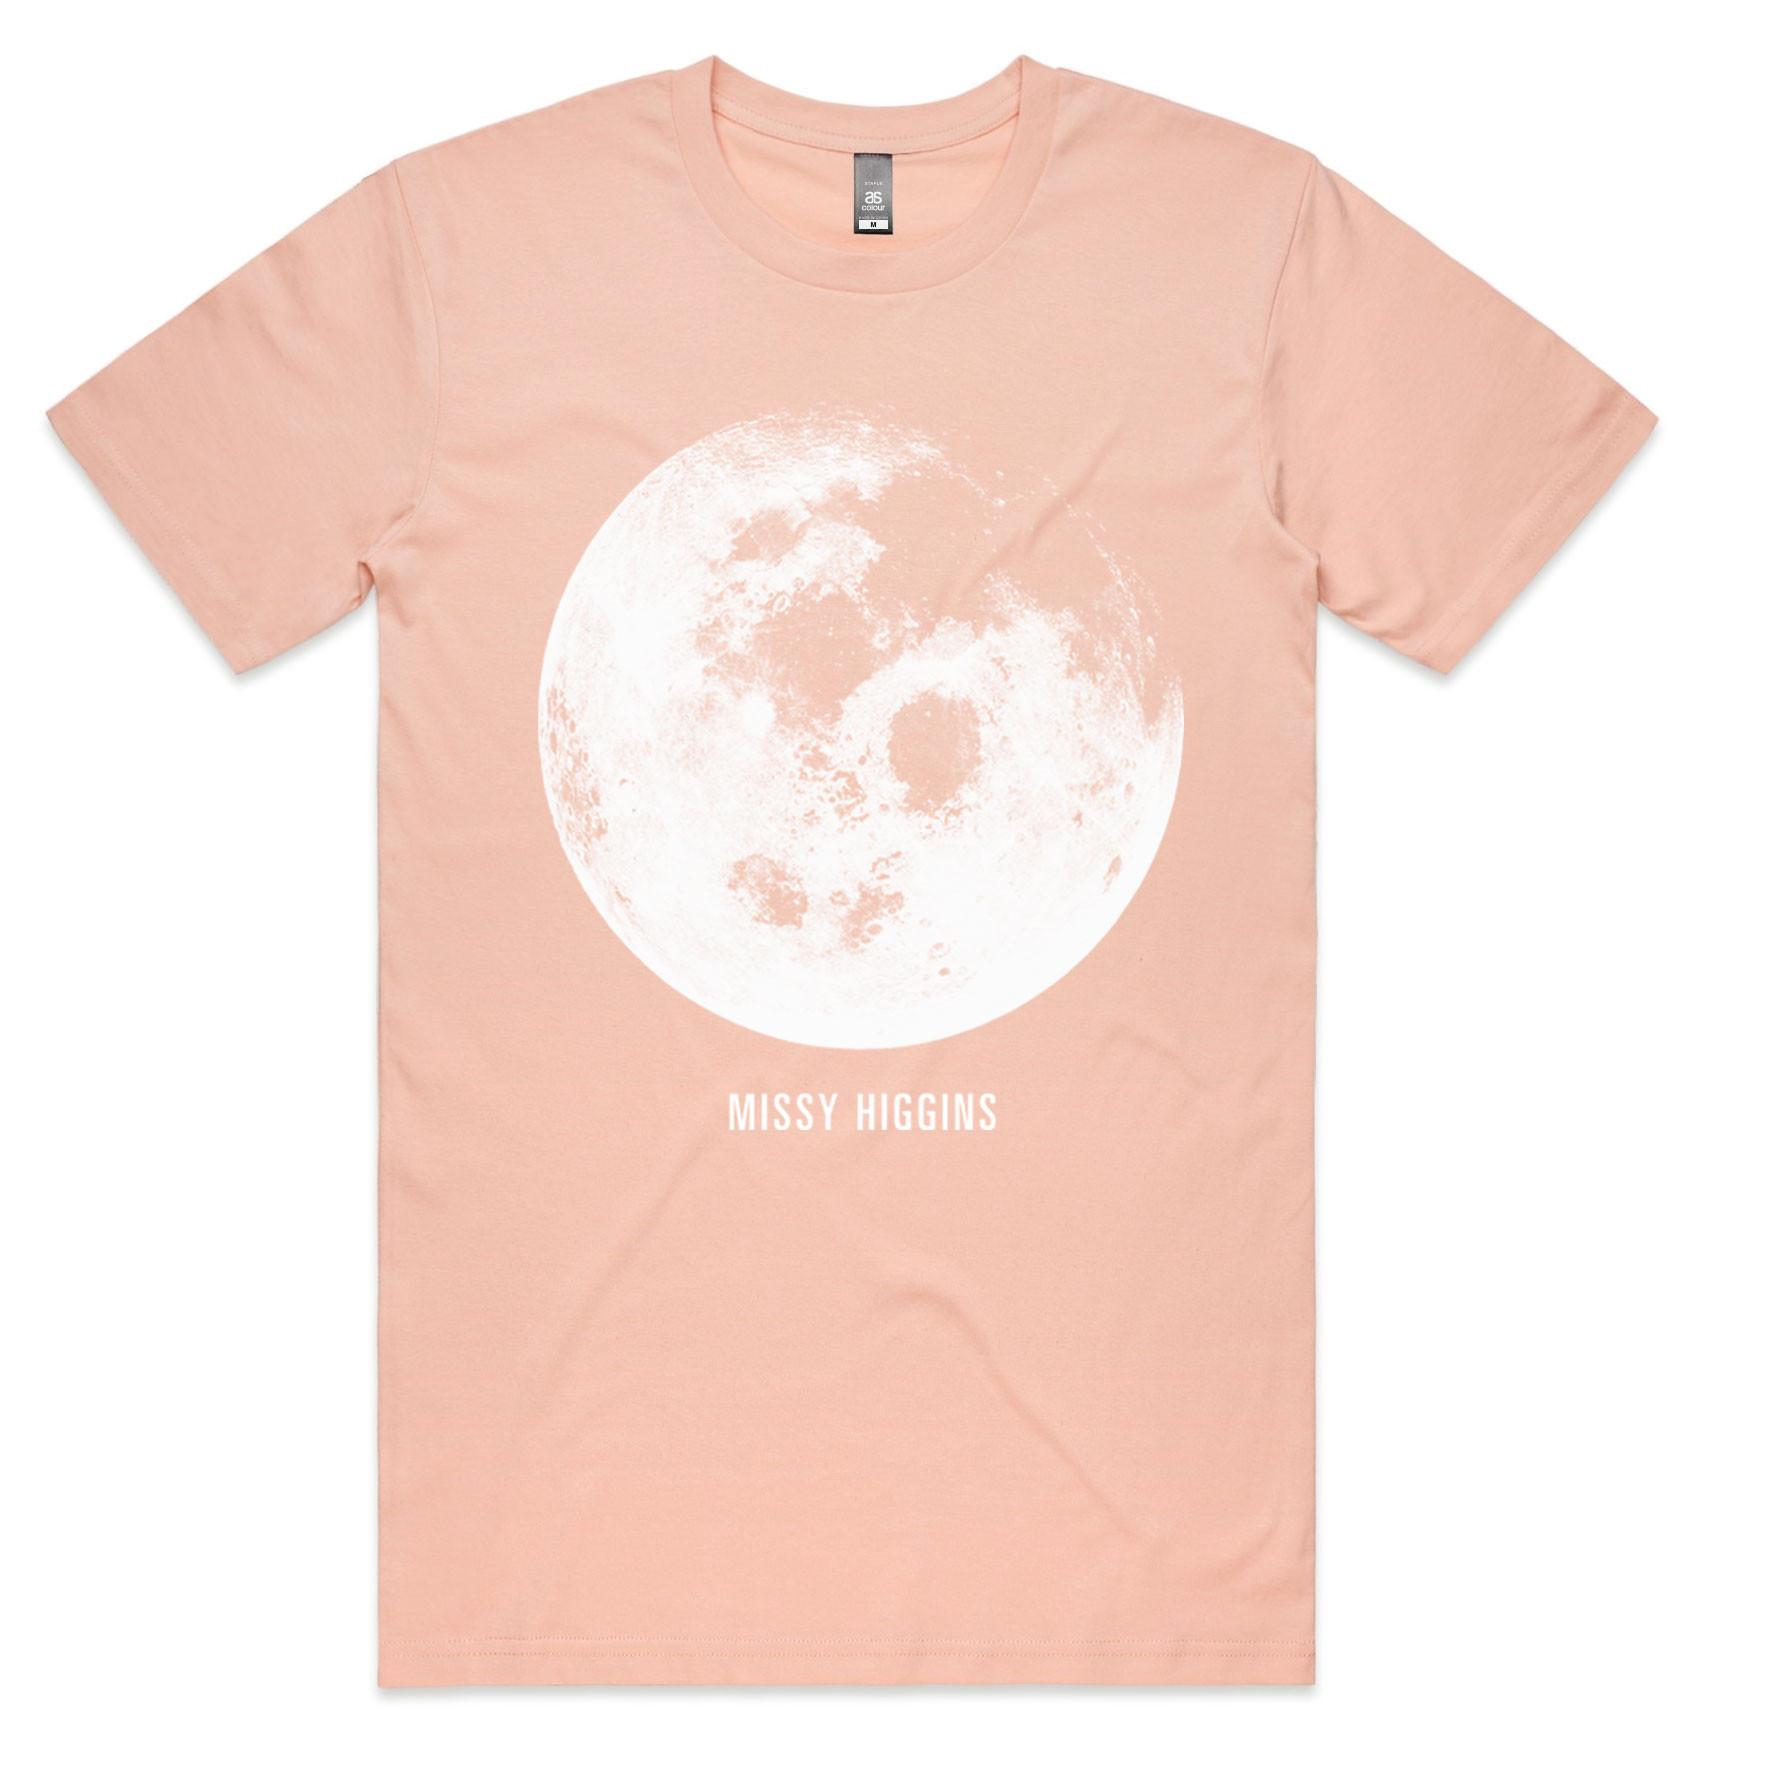 Missy Higgins - Pink Moon Tee